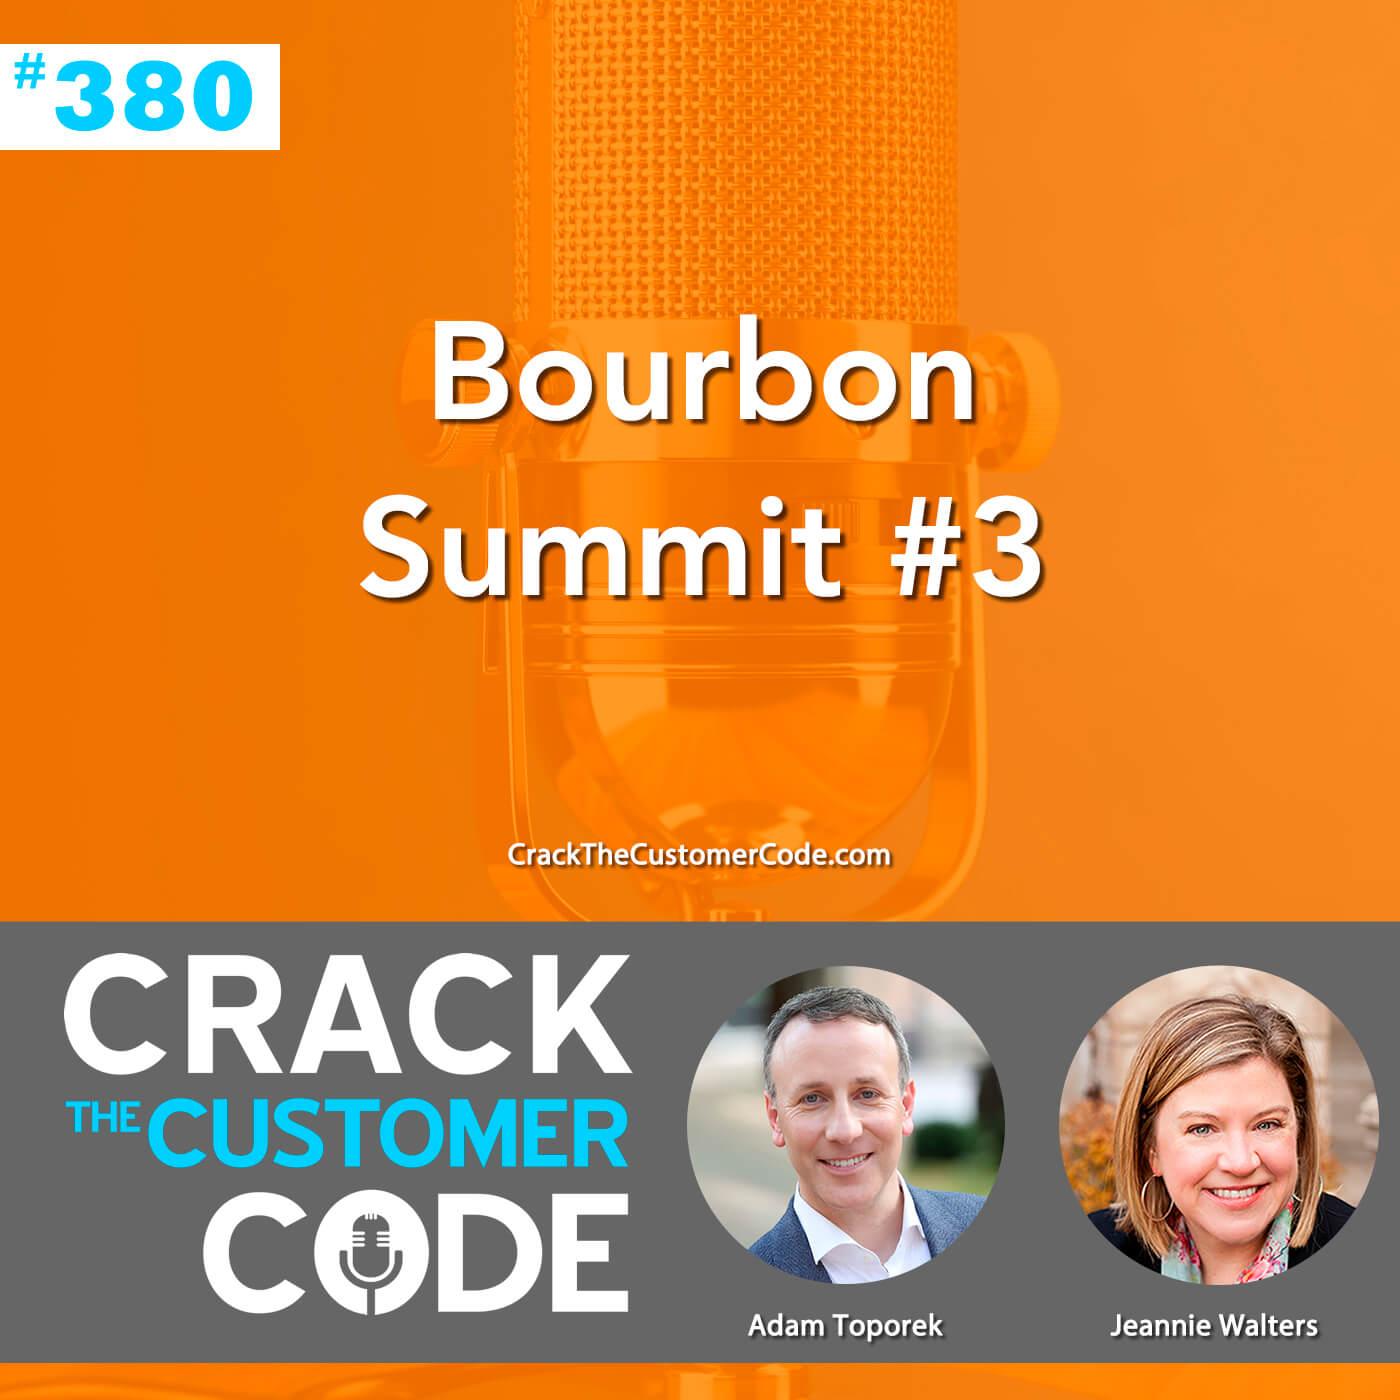 380: Bourbon Summit #3